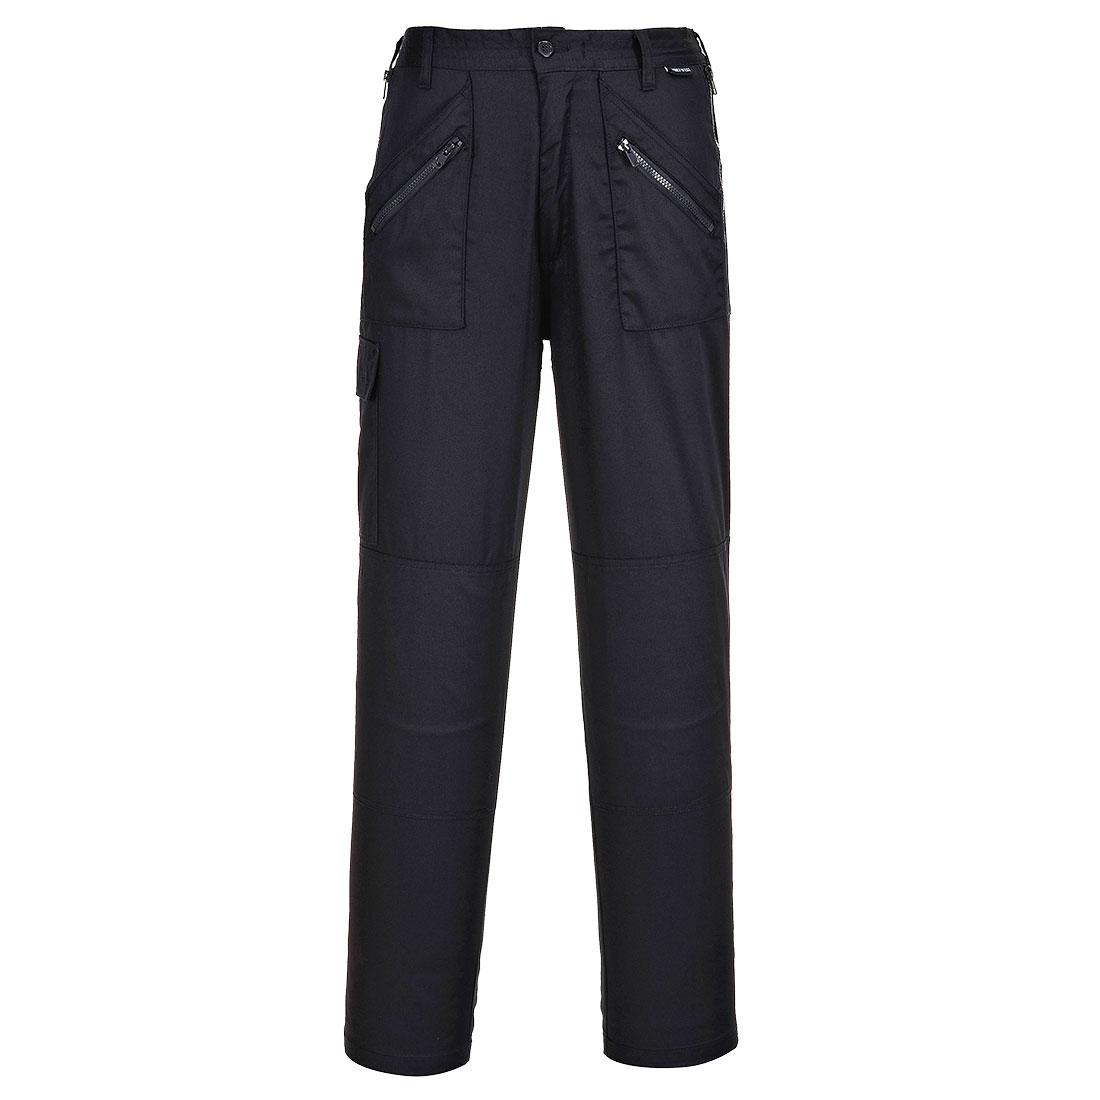 Ladies Action Trousers Black LR